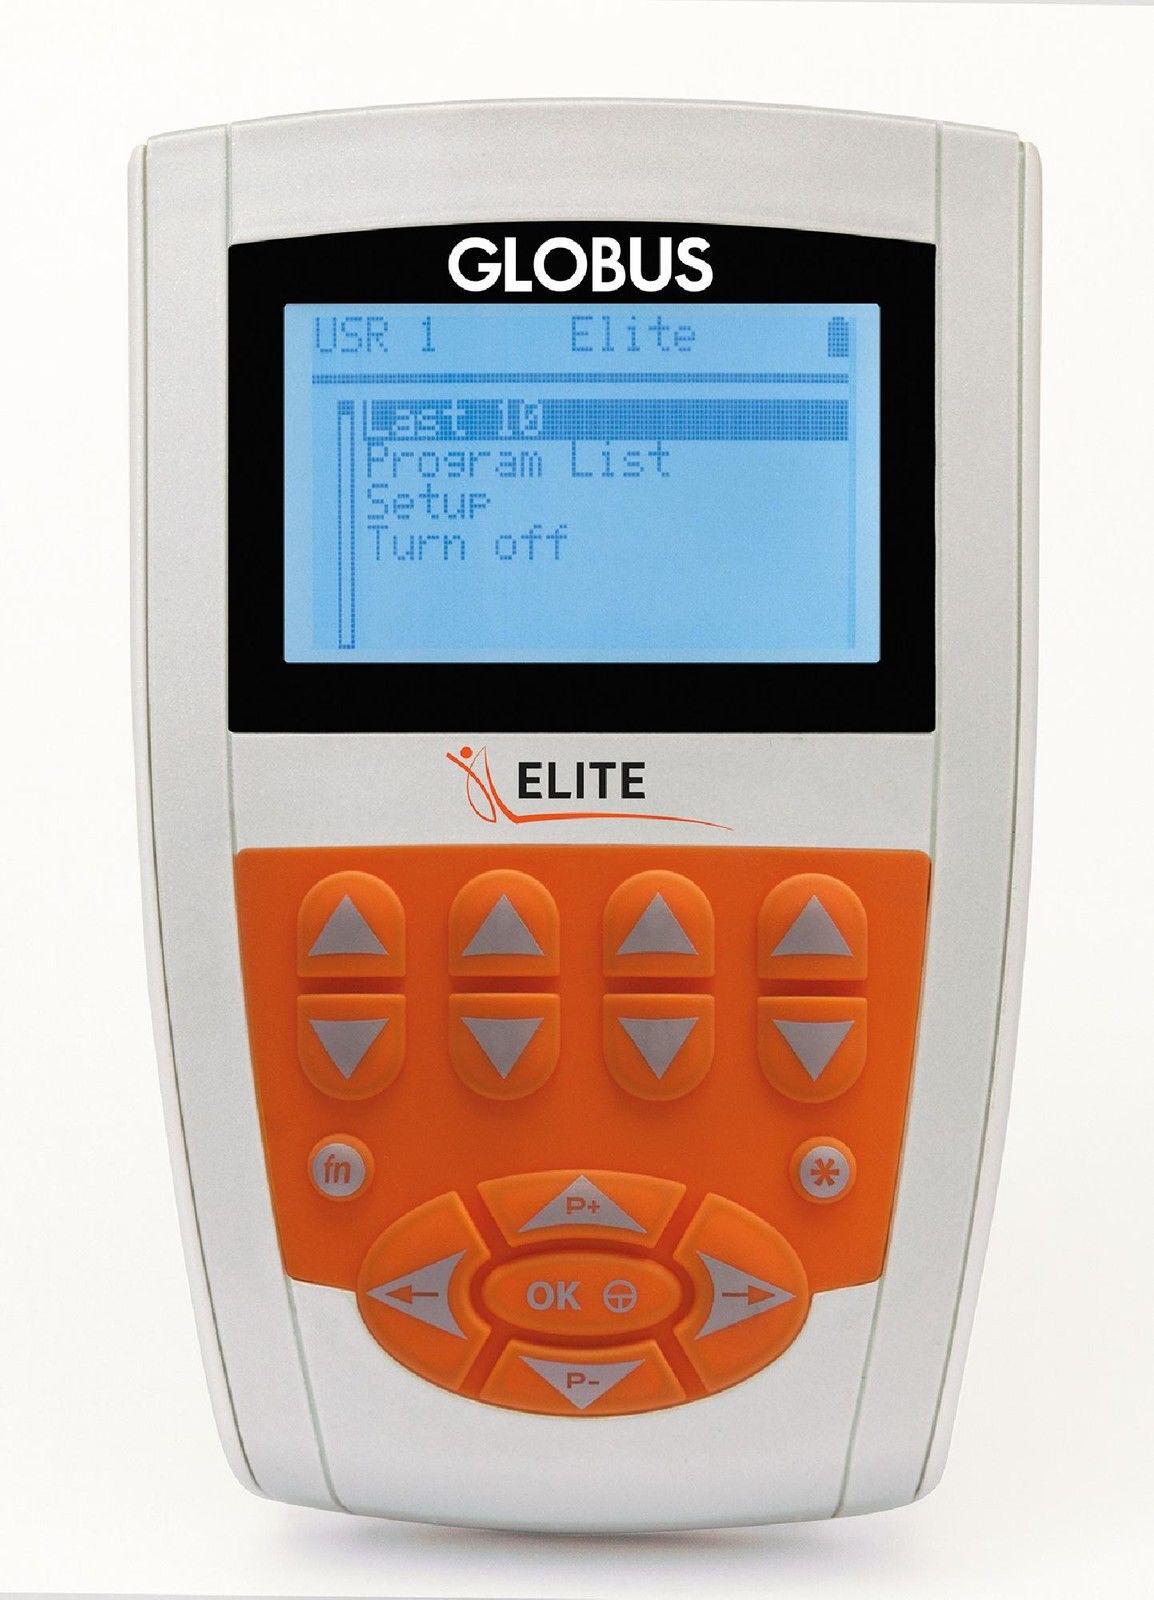 Globus ELITE Elektrostimulator Sport Fitness Ästhetik Tens Rehab 98 PROG